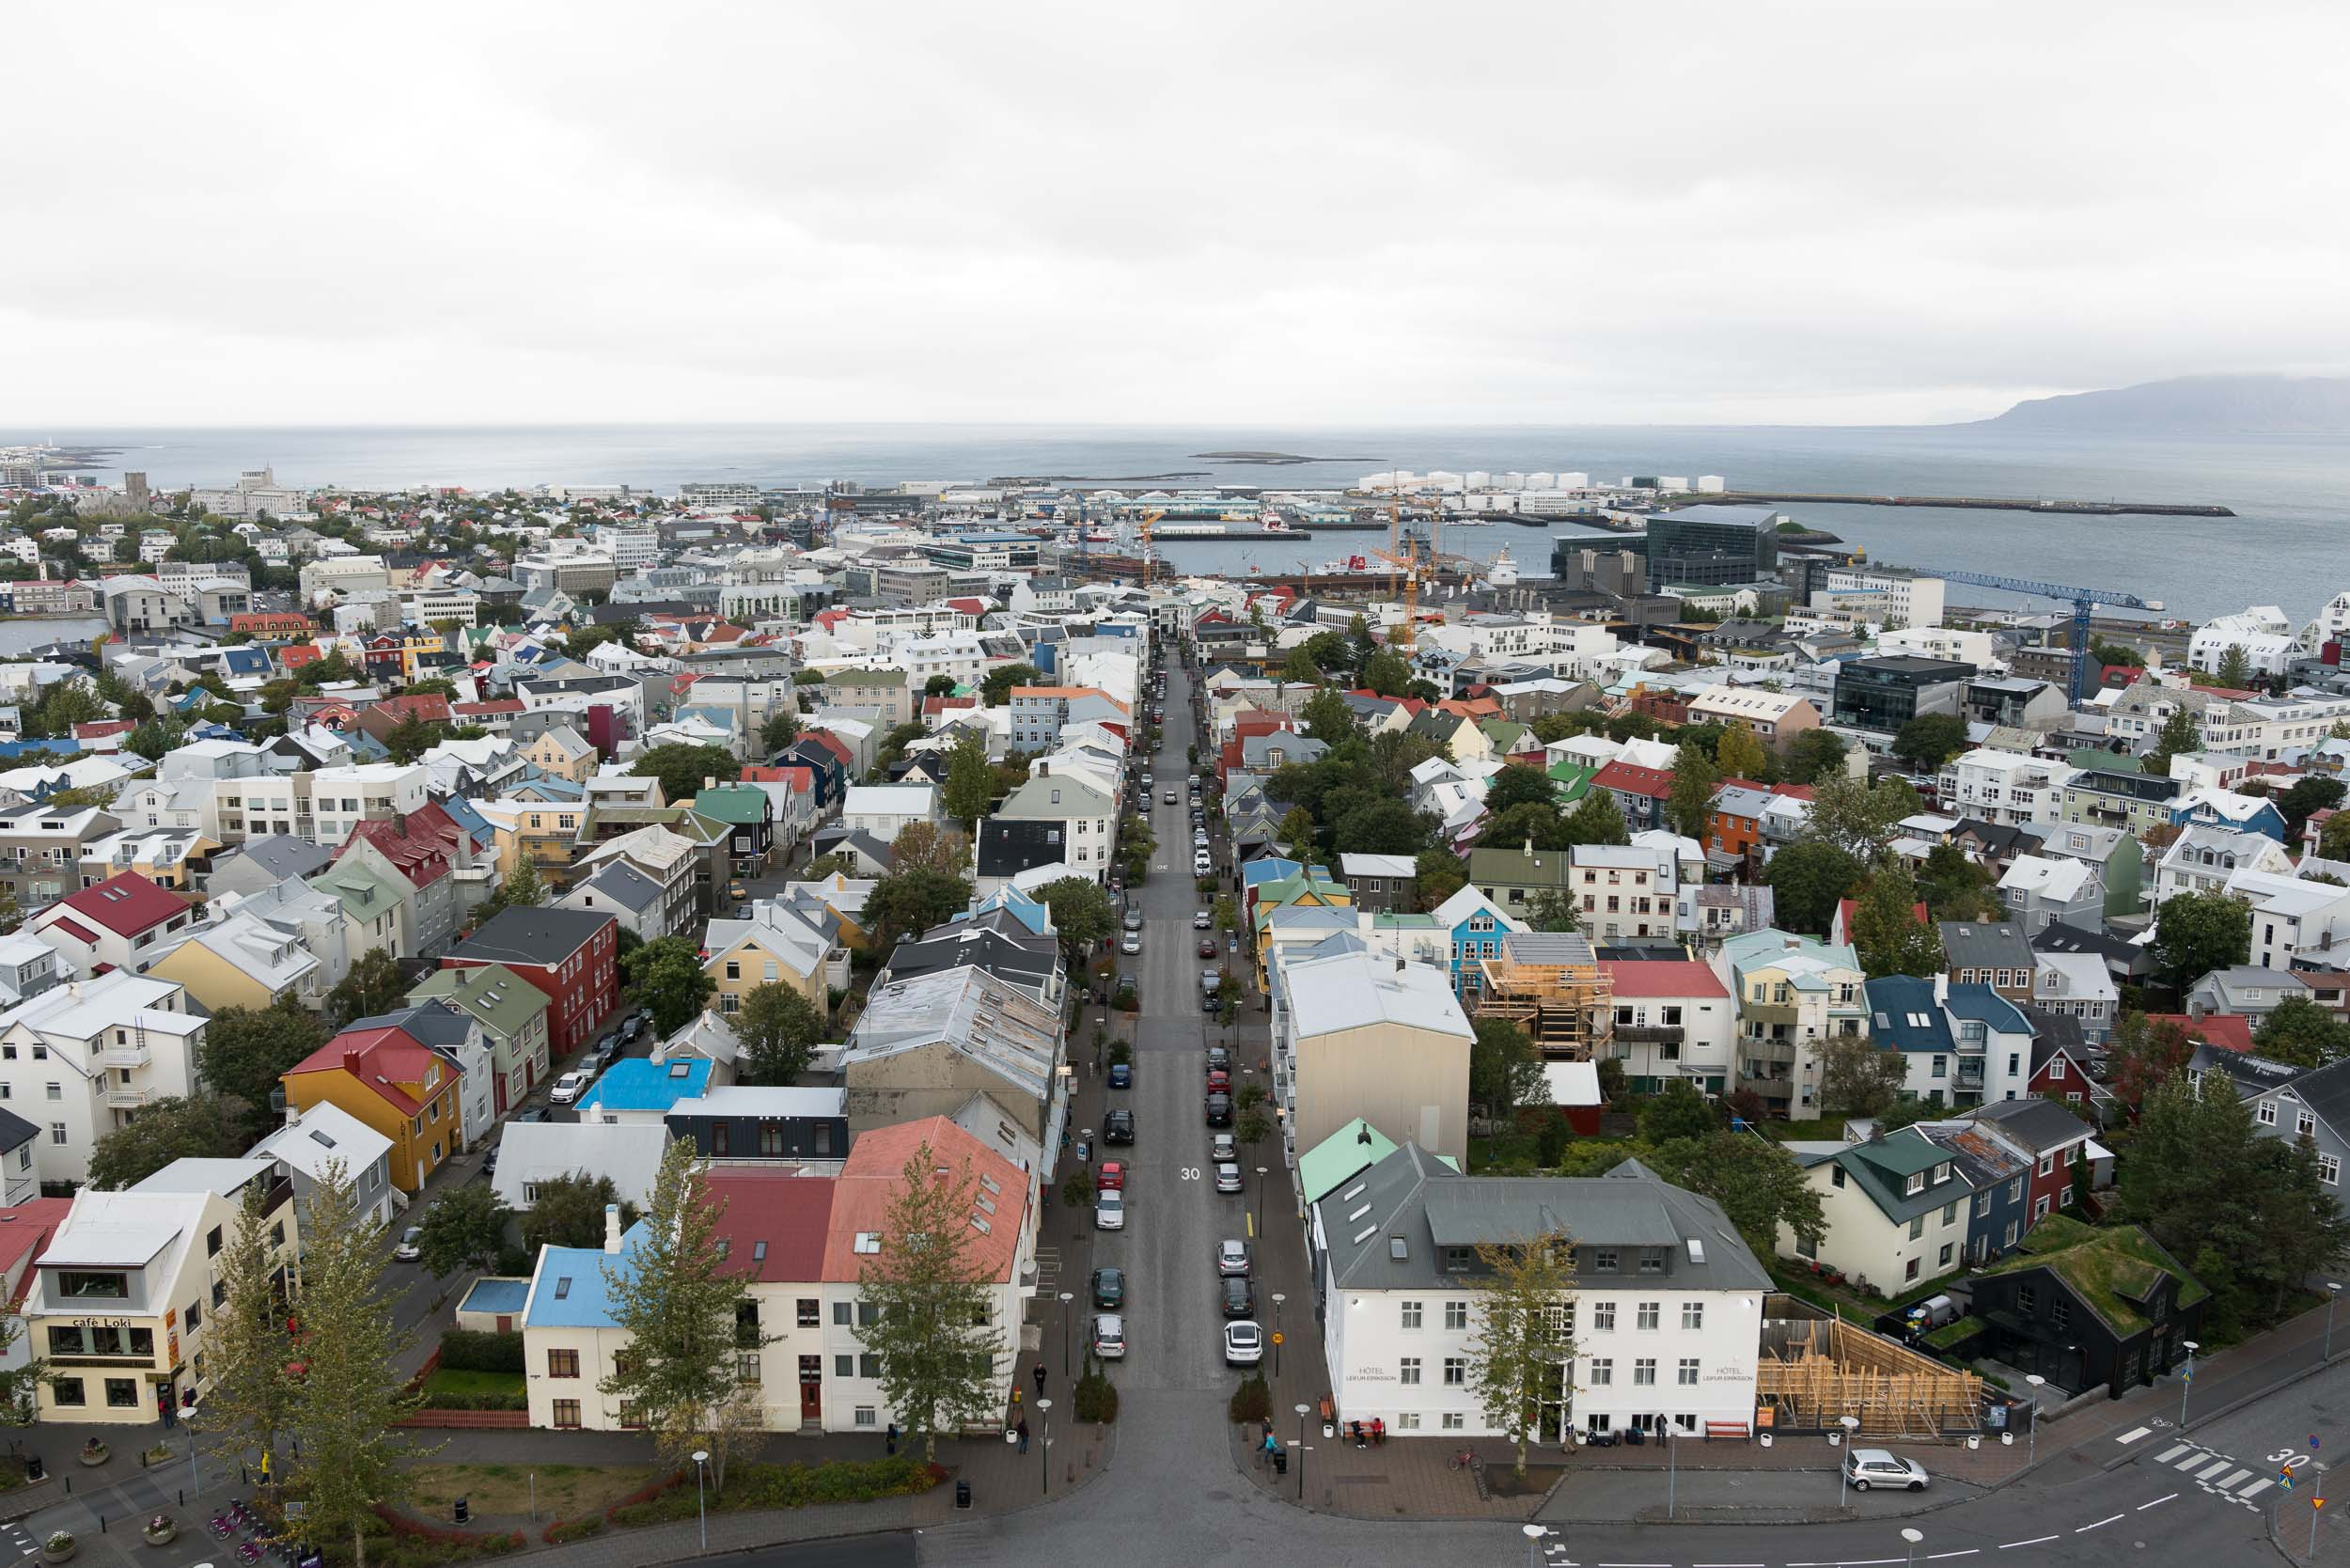 iceland_reykjavik-7.jpg